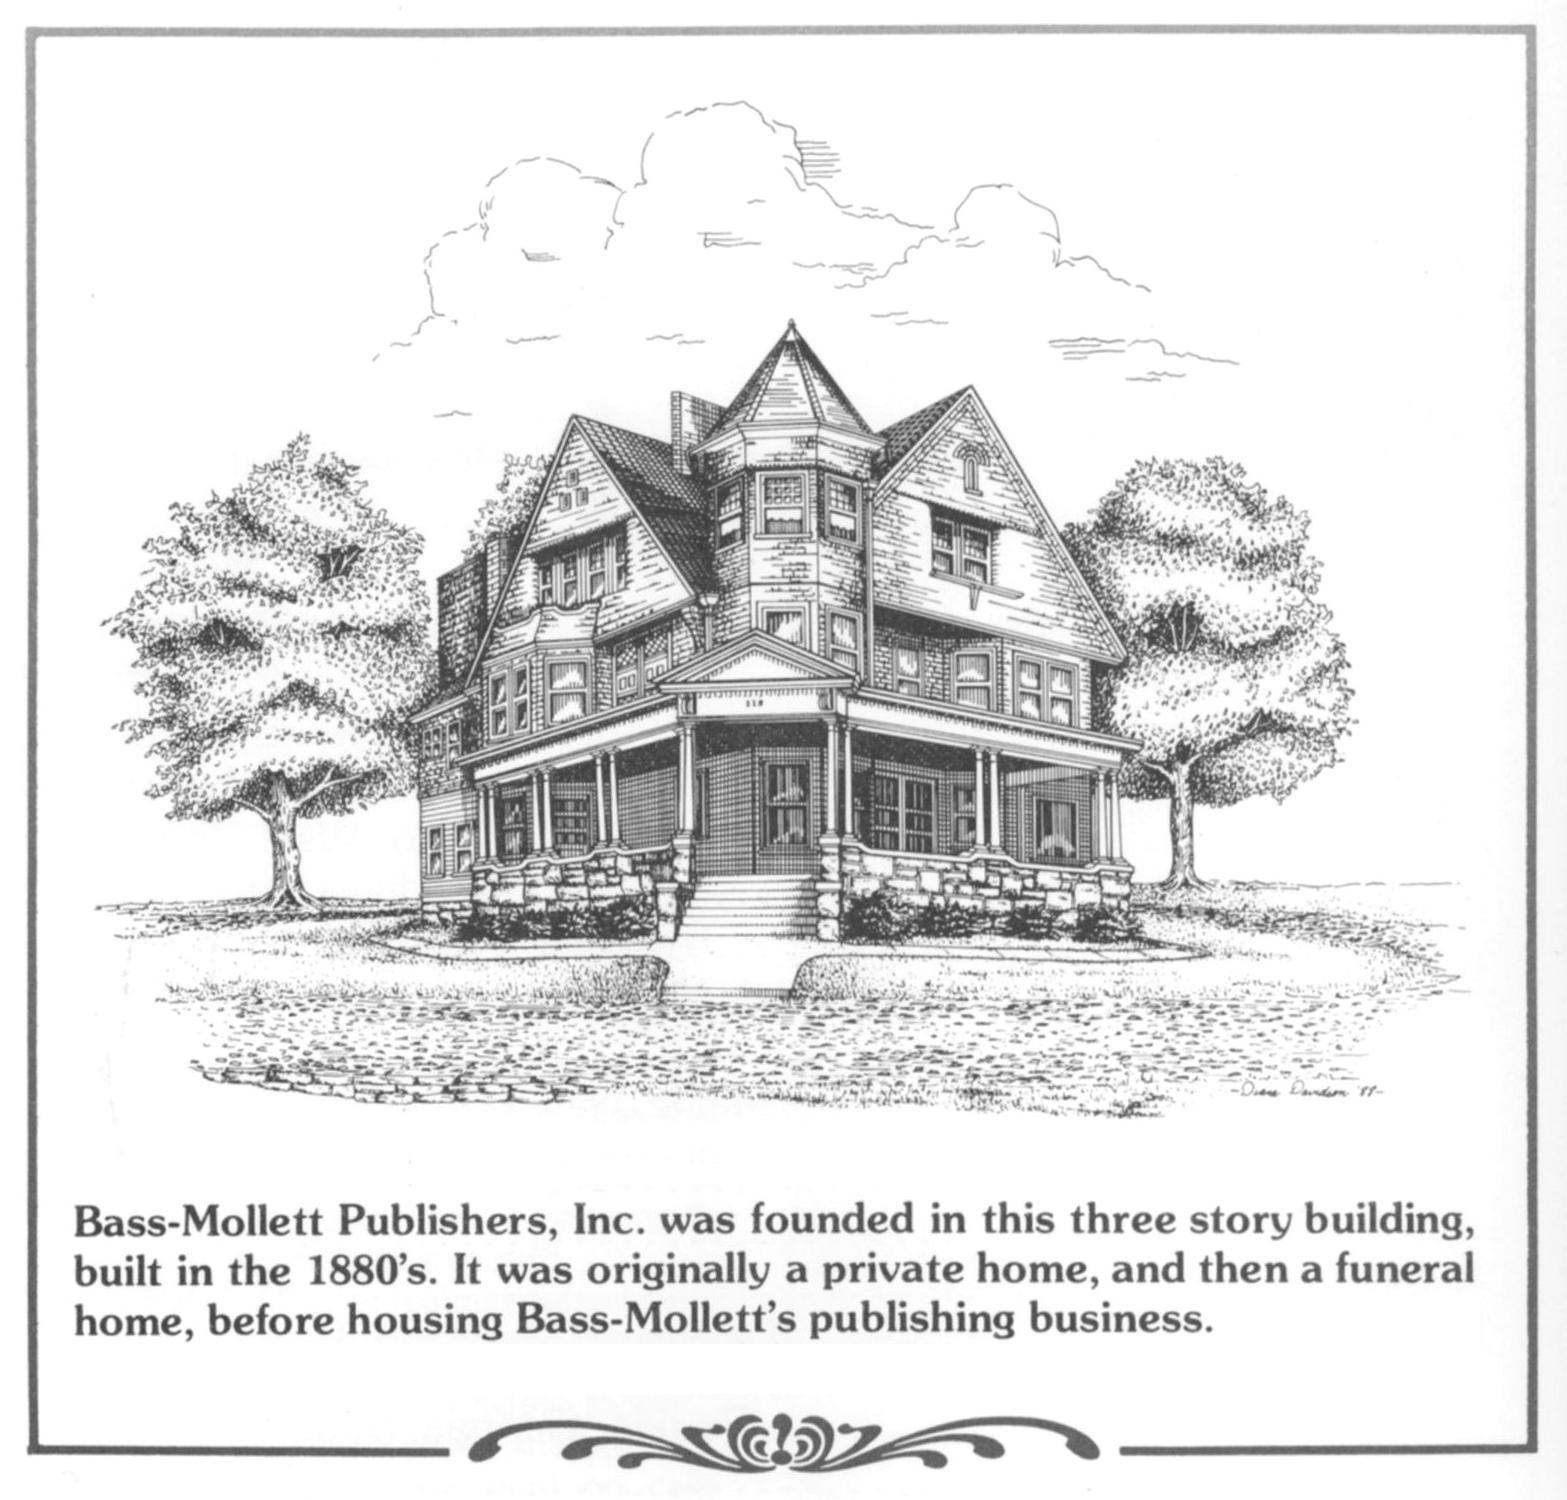 Original Bass-Mollett Building